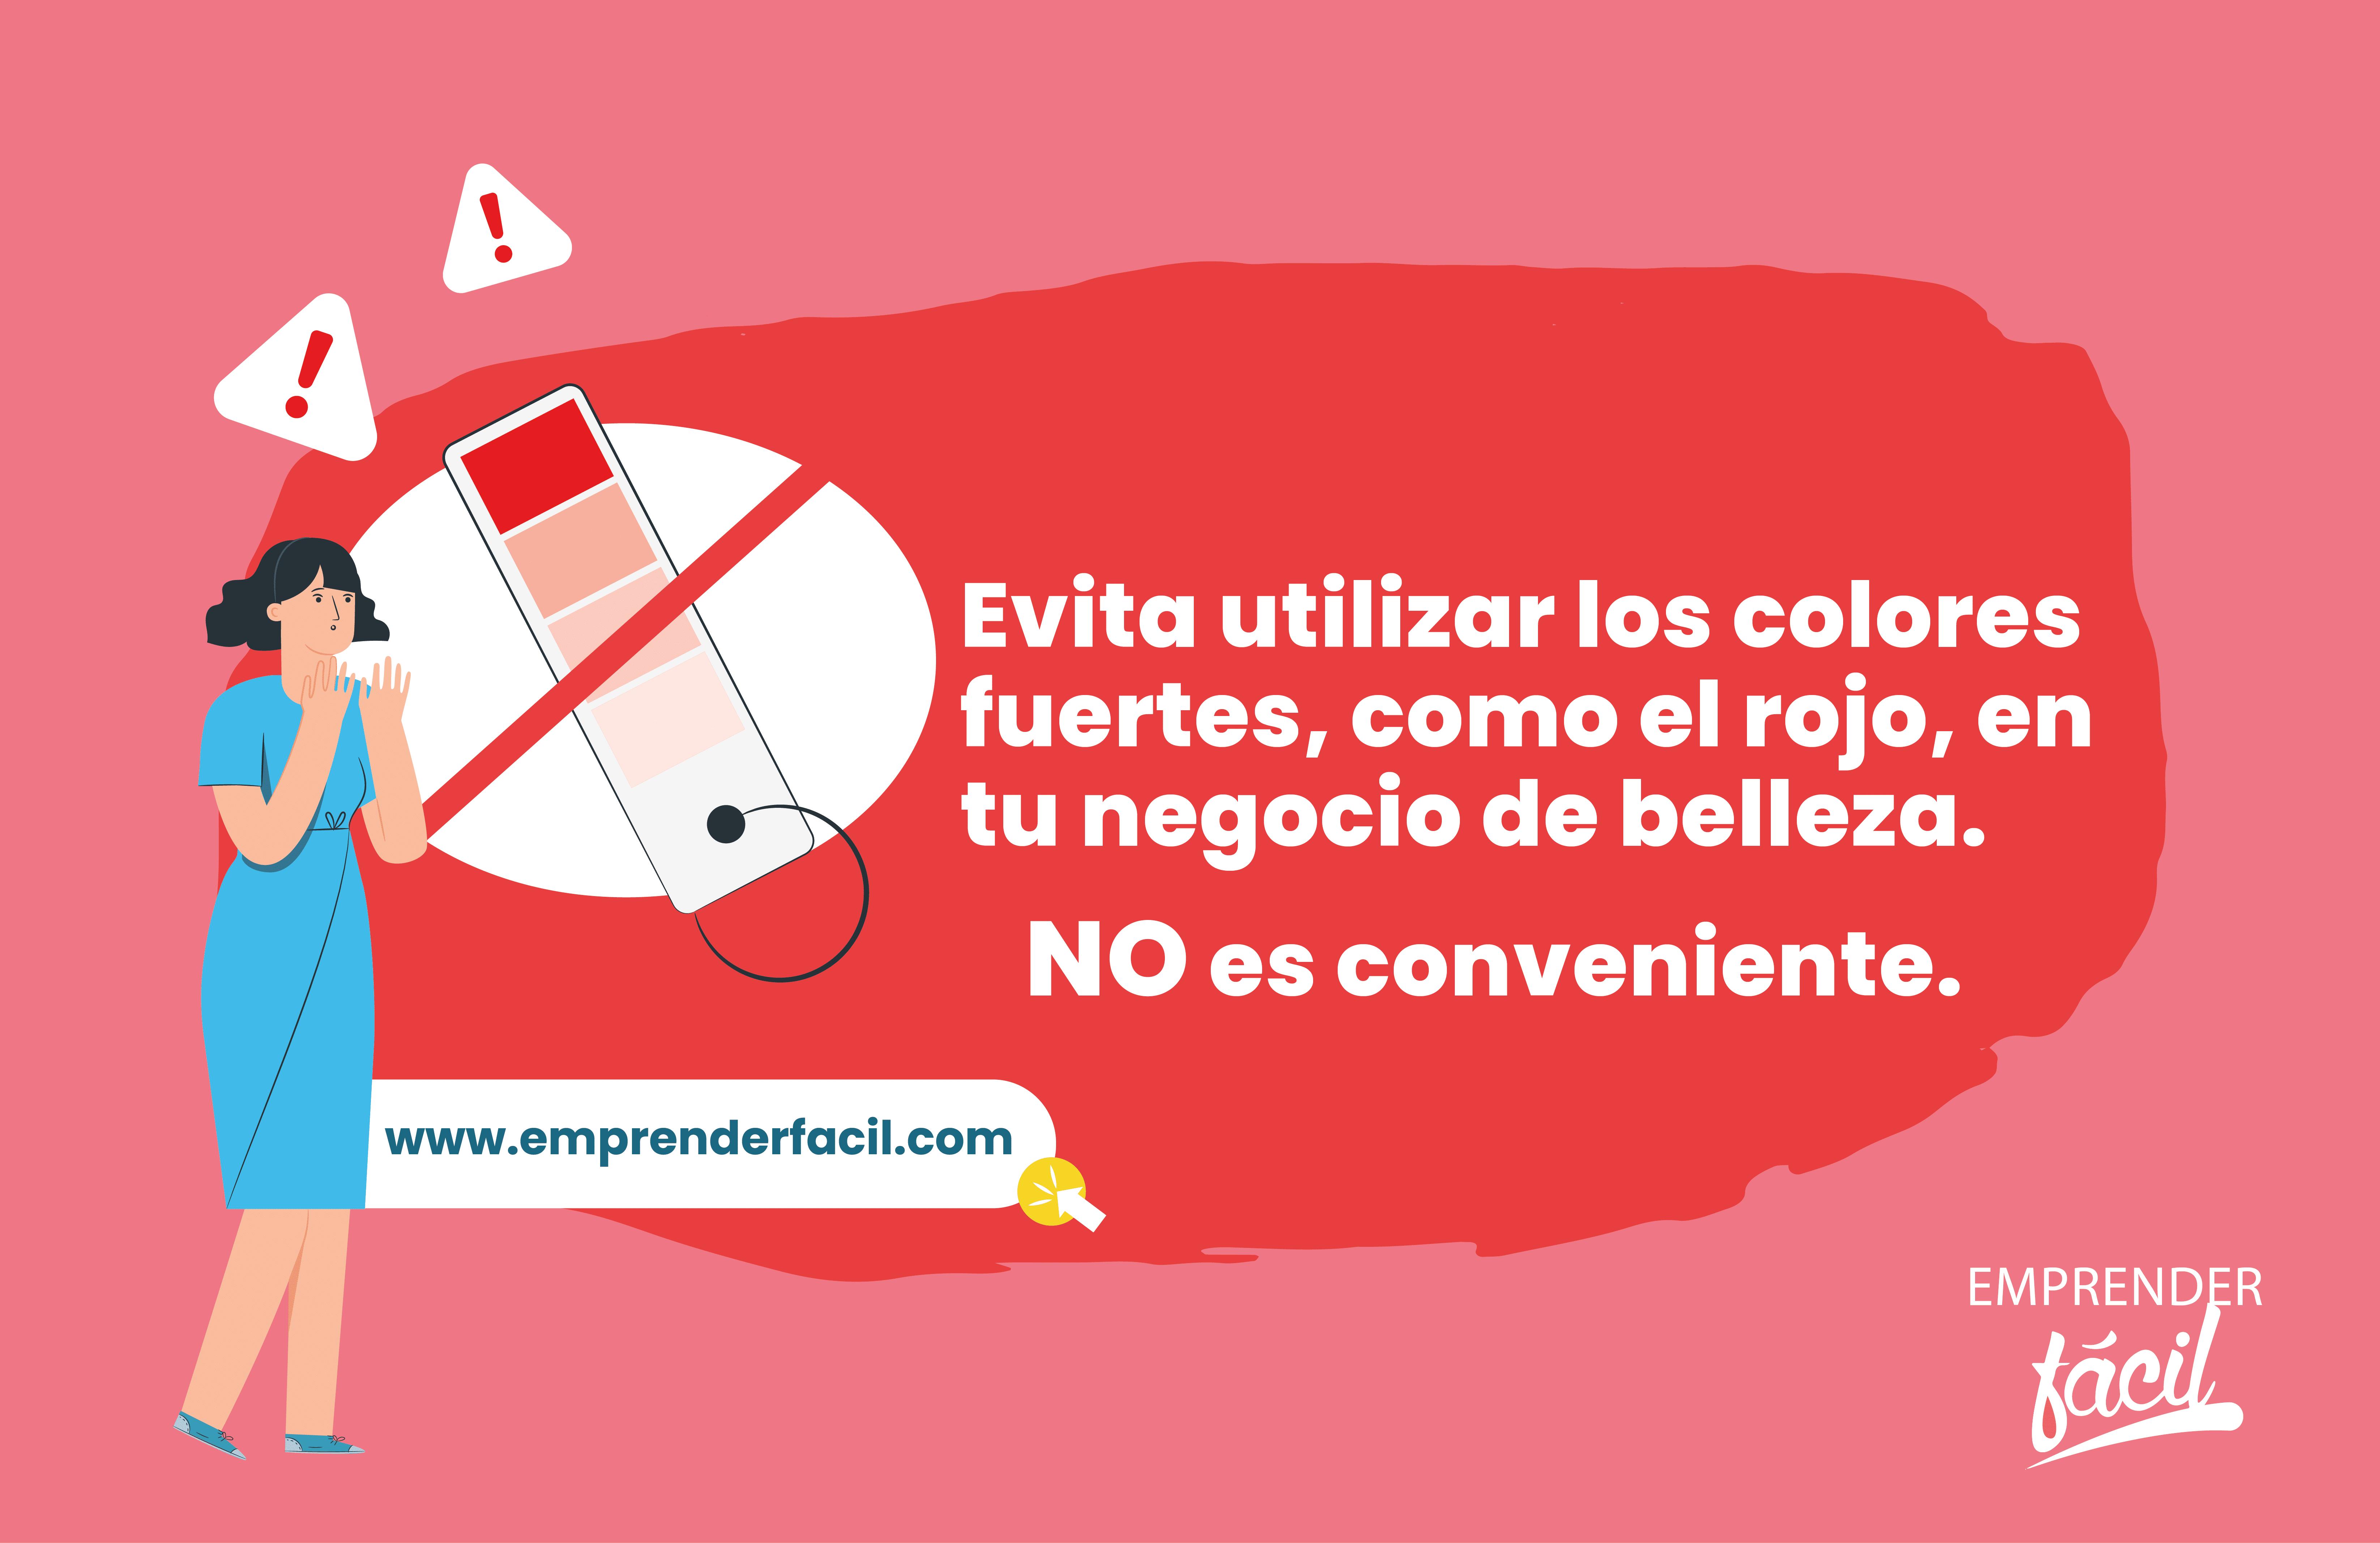 Evita utilizar los colores fuertes, como el rojo, en tu negocio de belleza. No es conveniente.